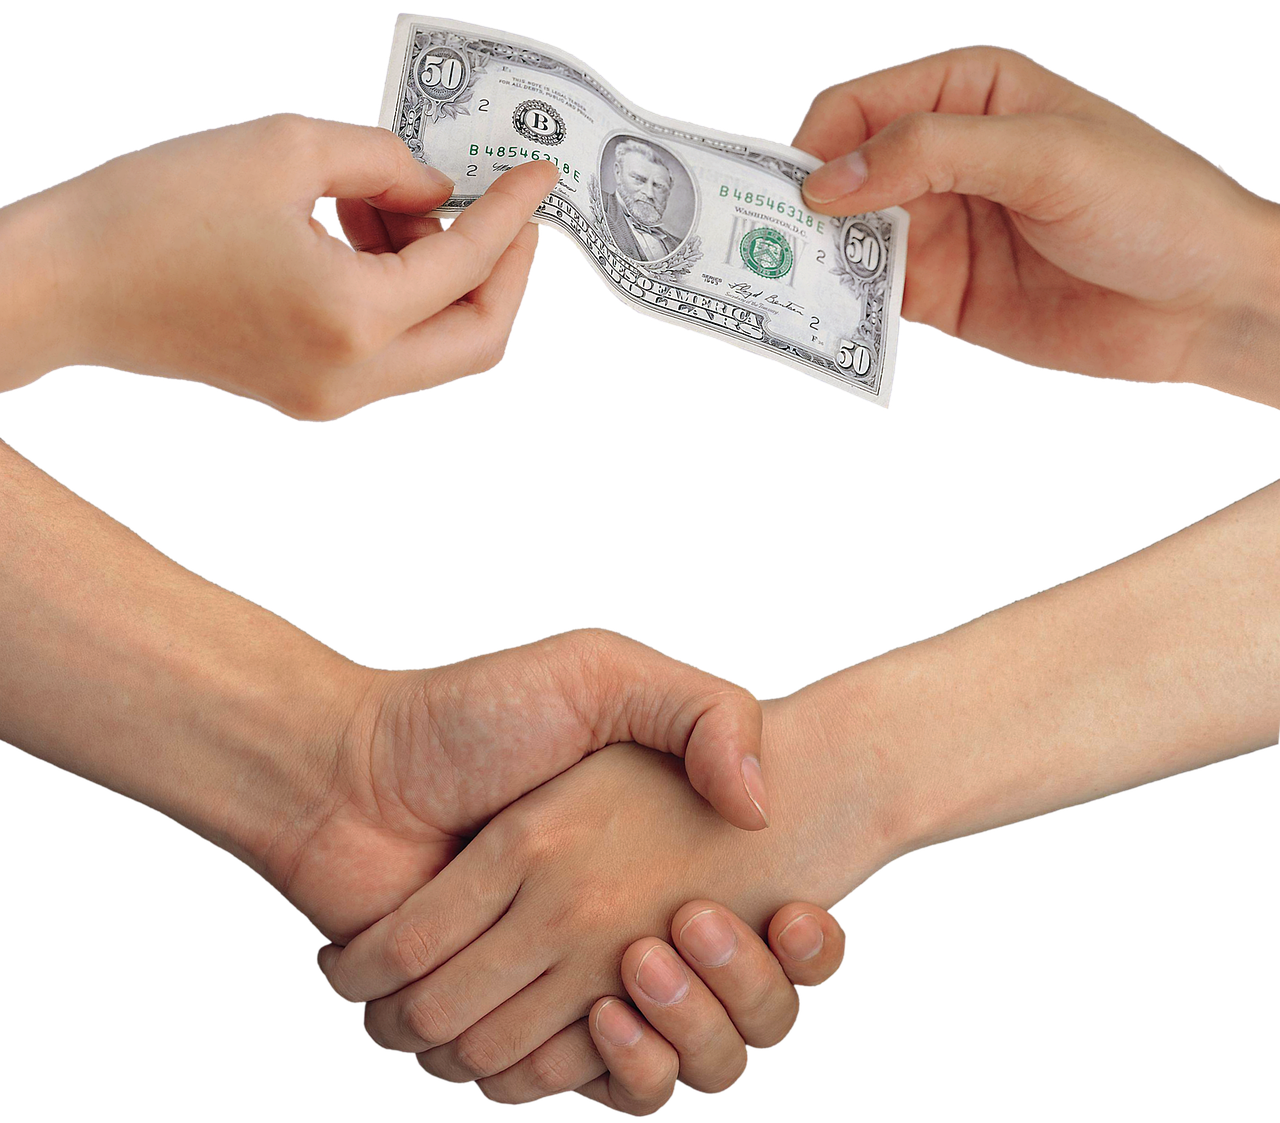 Доверие и финансовая благонадежность